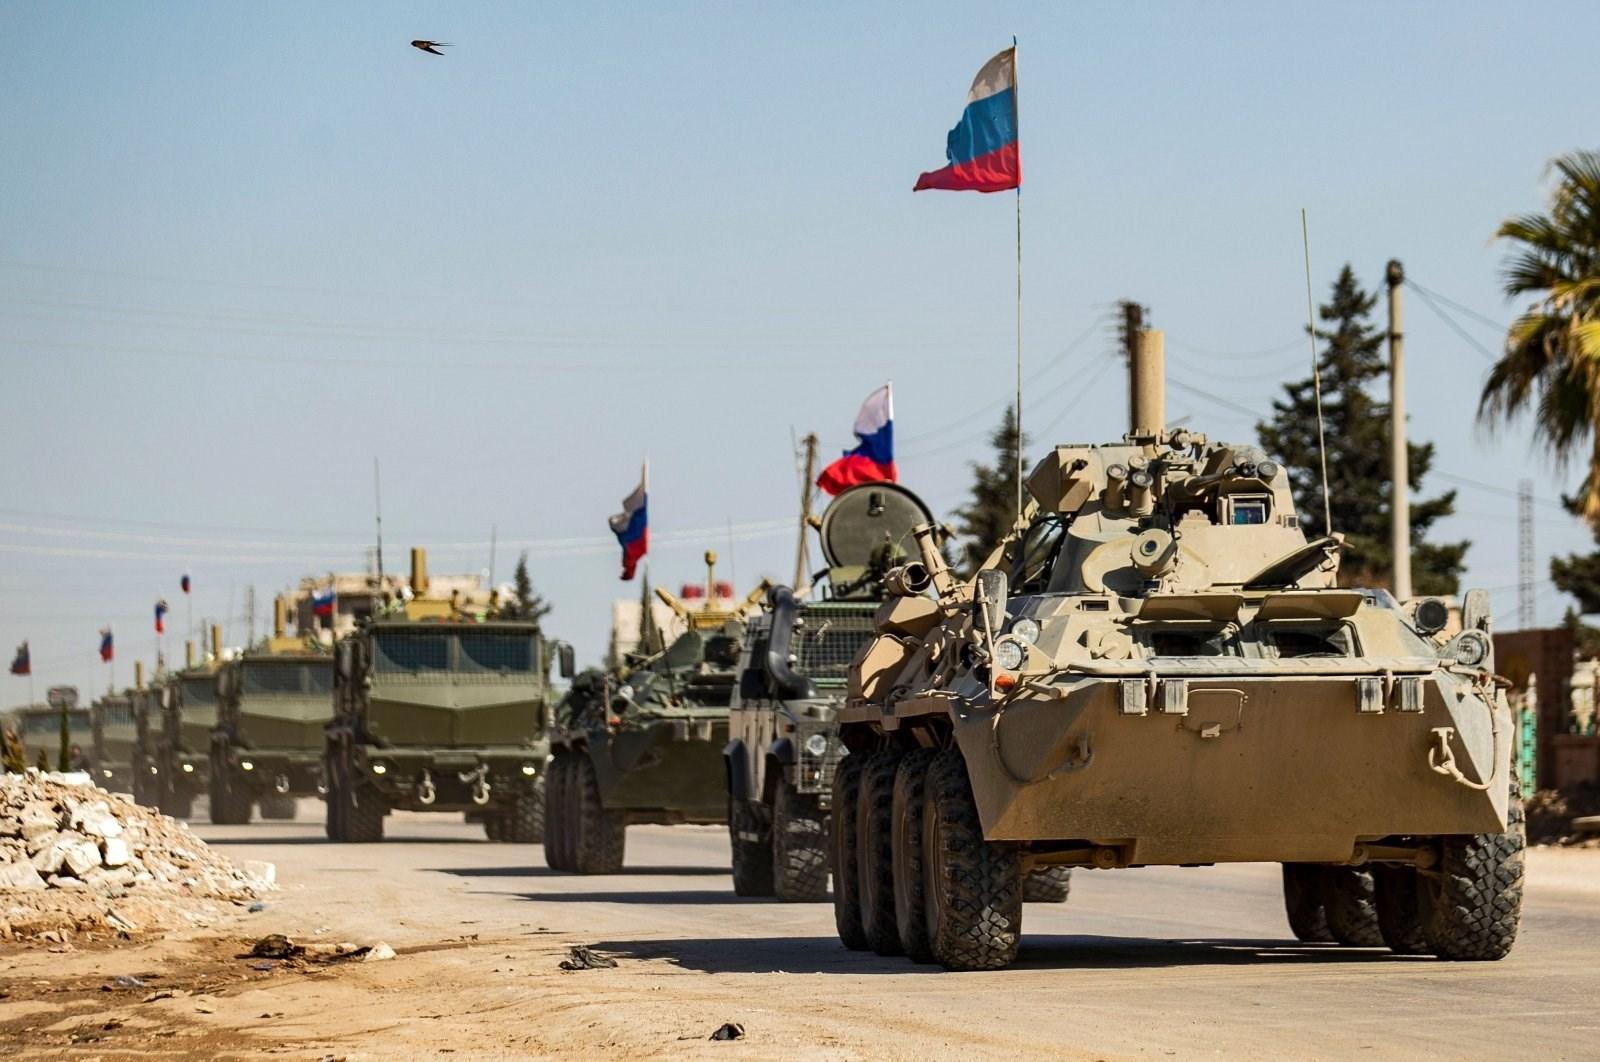 قافلة آليات عسكرية روسية في مدينة القامشلي شمال شرق سوريا يوم 9 آذار 2020 (أ.ف.ب)